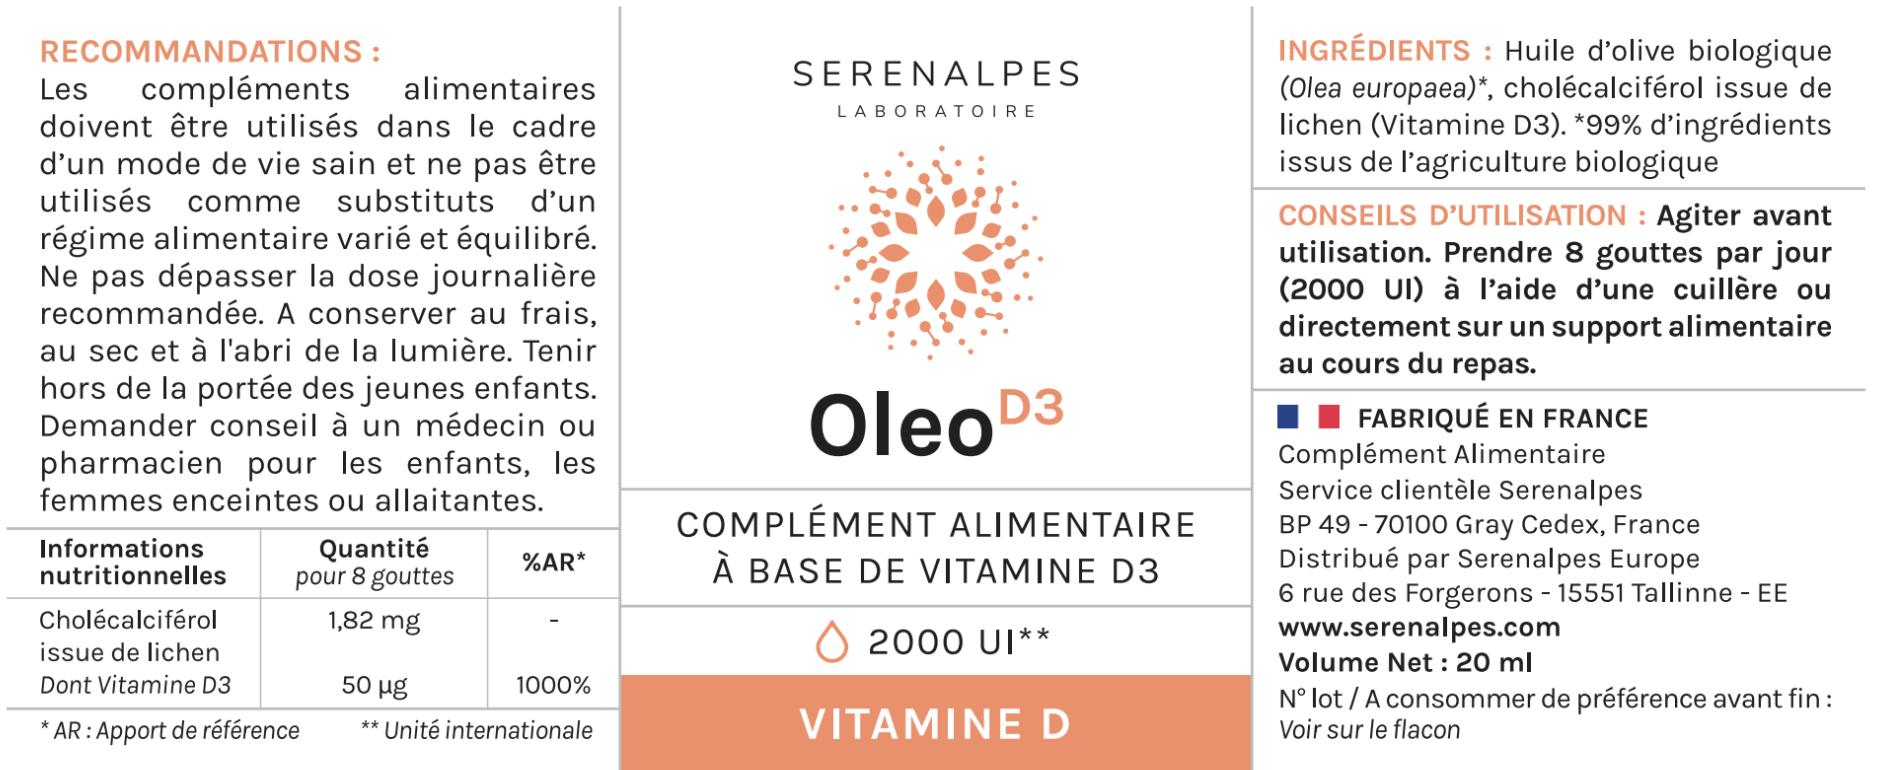 etiquette oleo d3